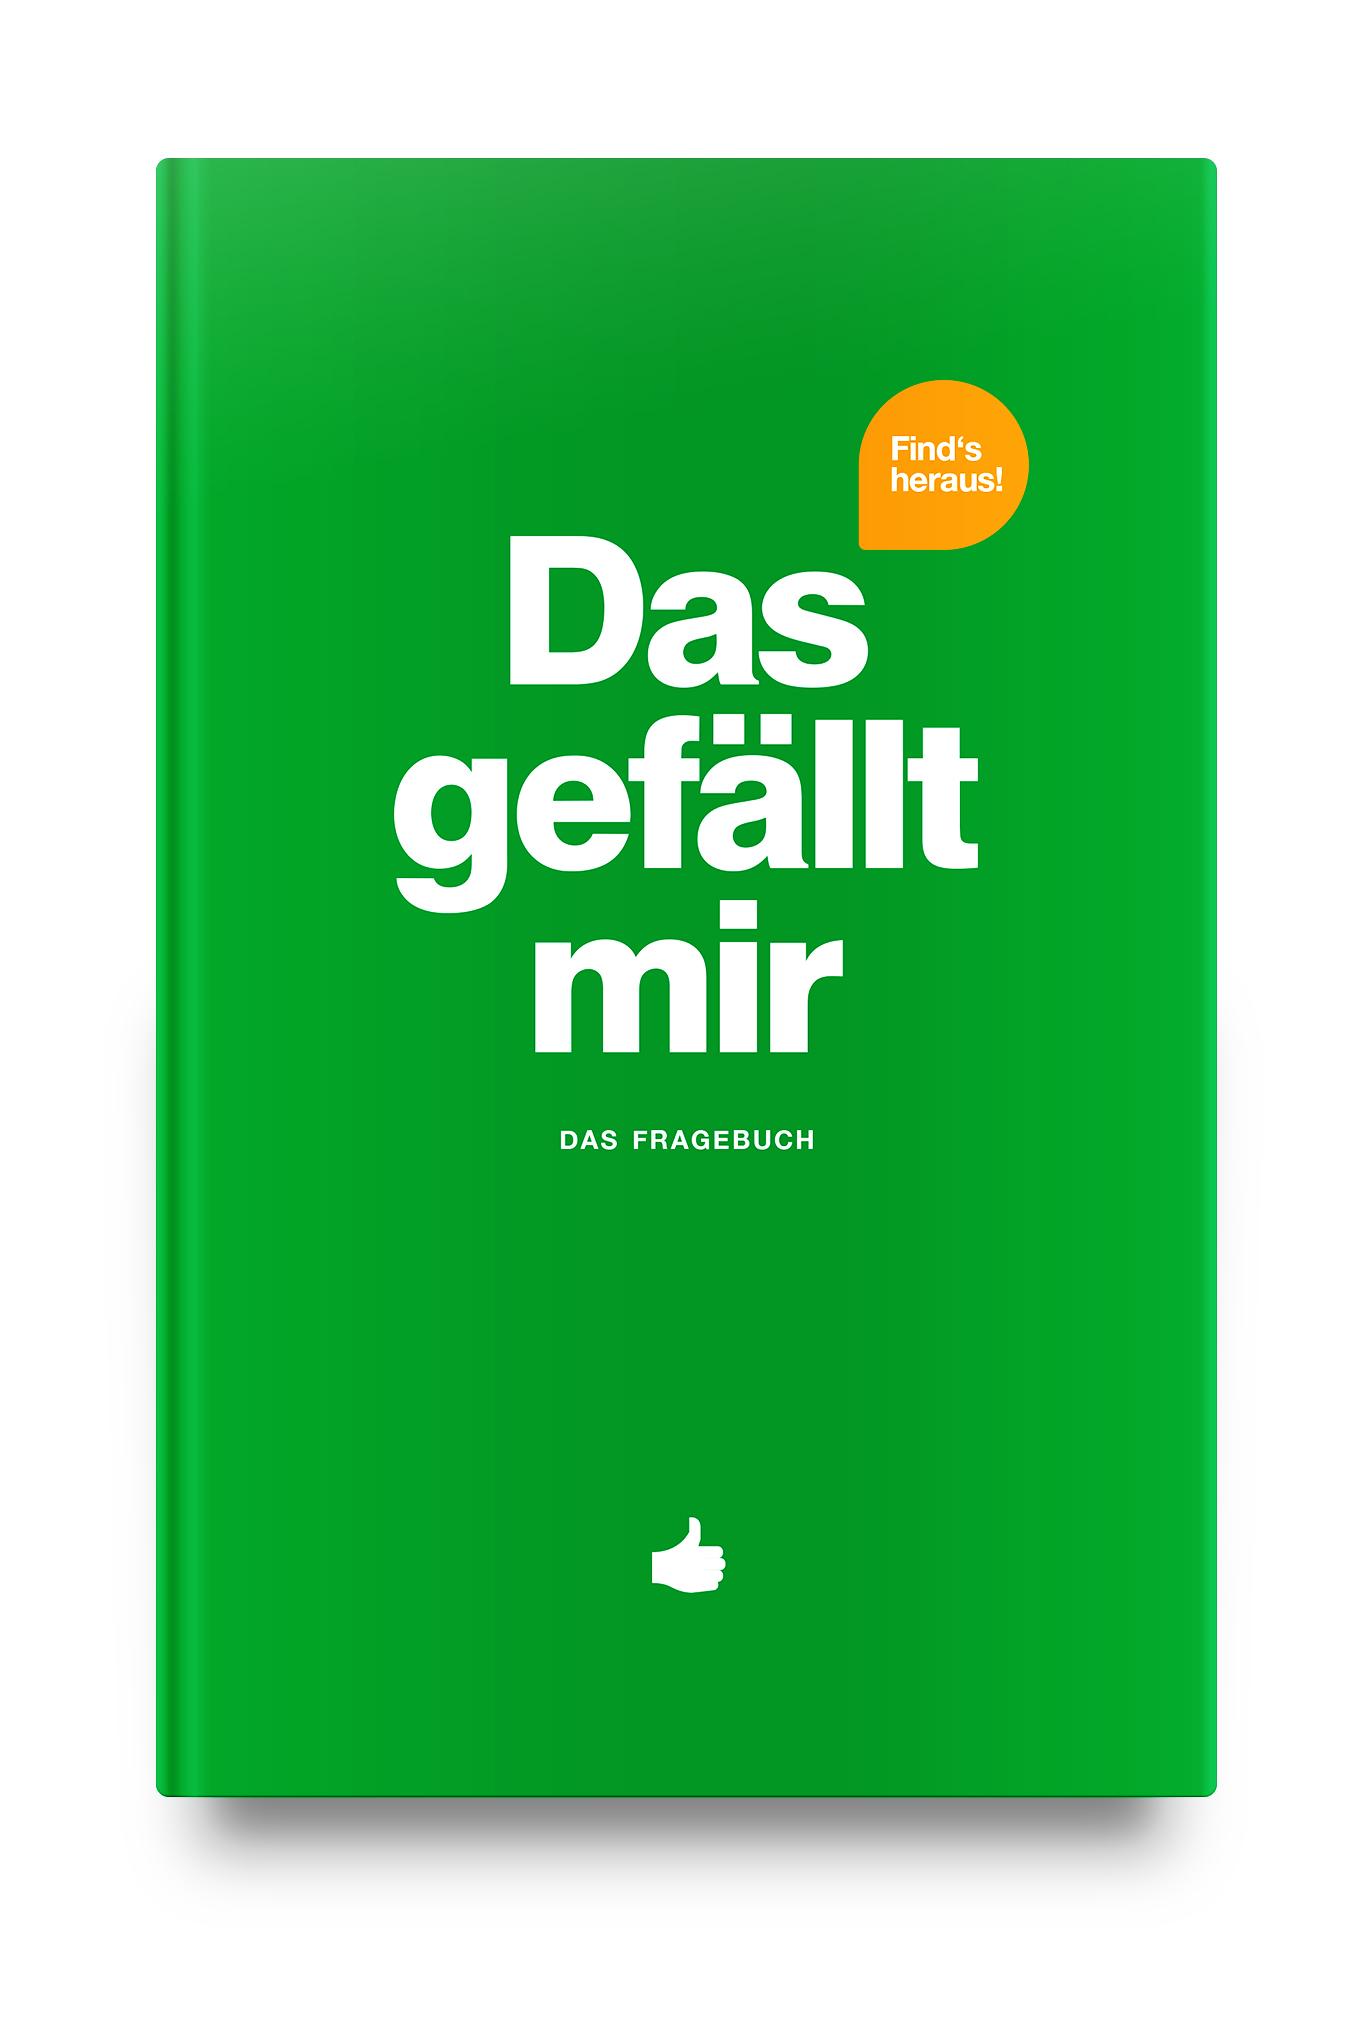 cover_wil_gruen.jpg